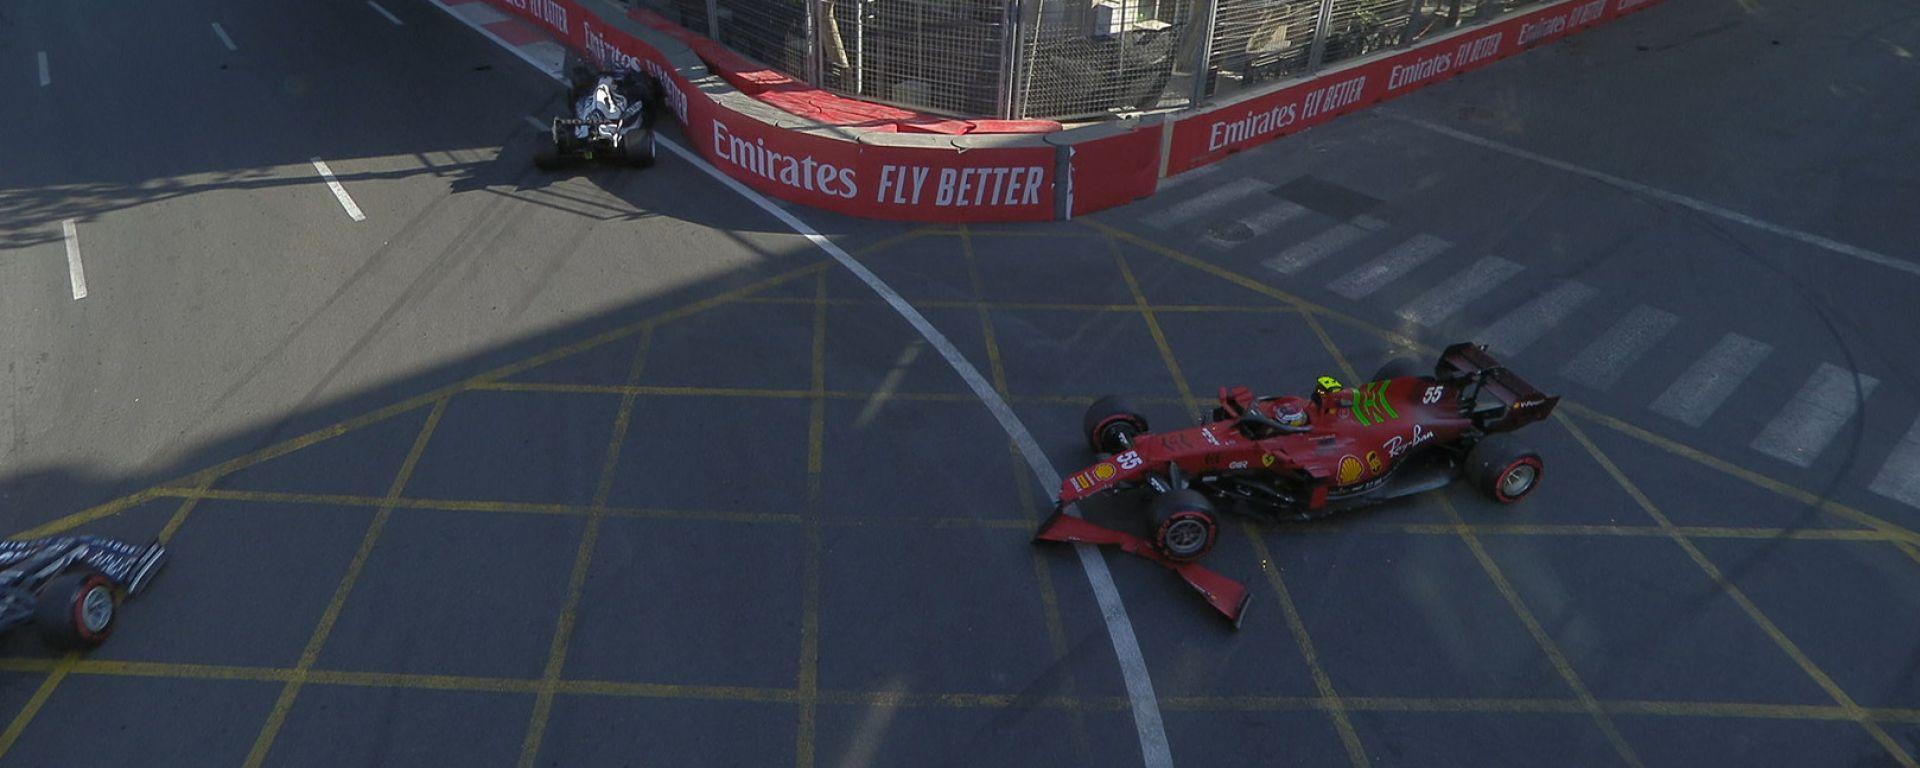 F1, GP Azerbaijan 2021: Yuki Tsunoda a muro e Carlos Sainz in testacoda nel finale della Q3